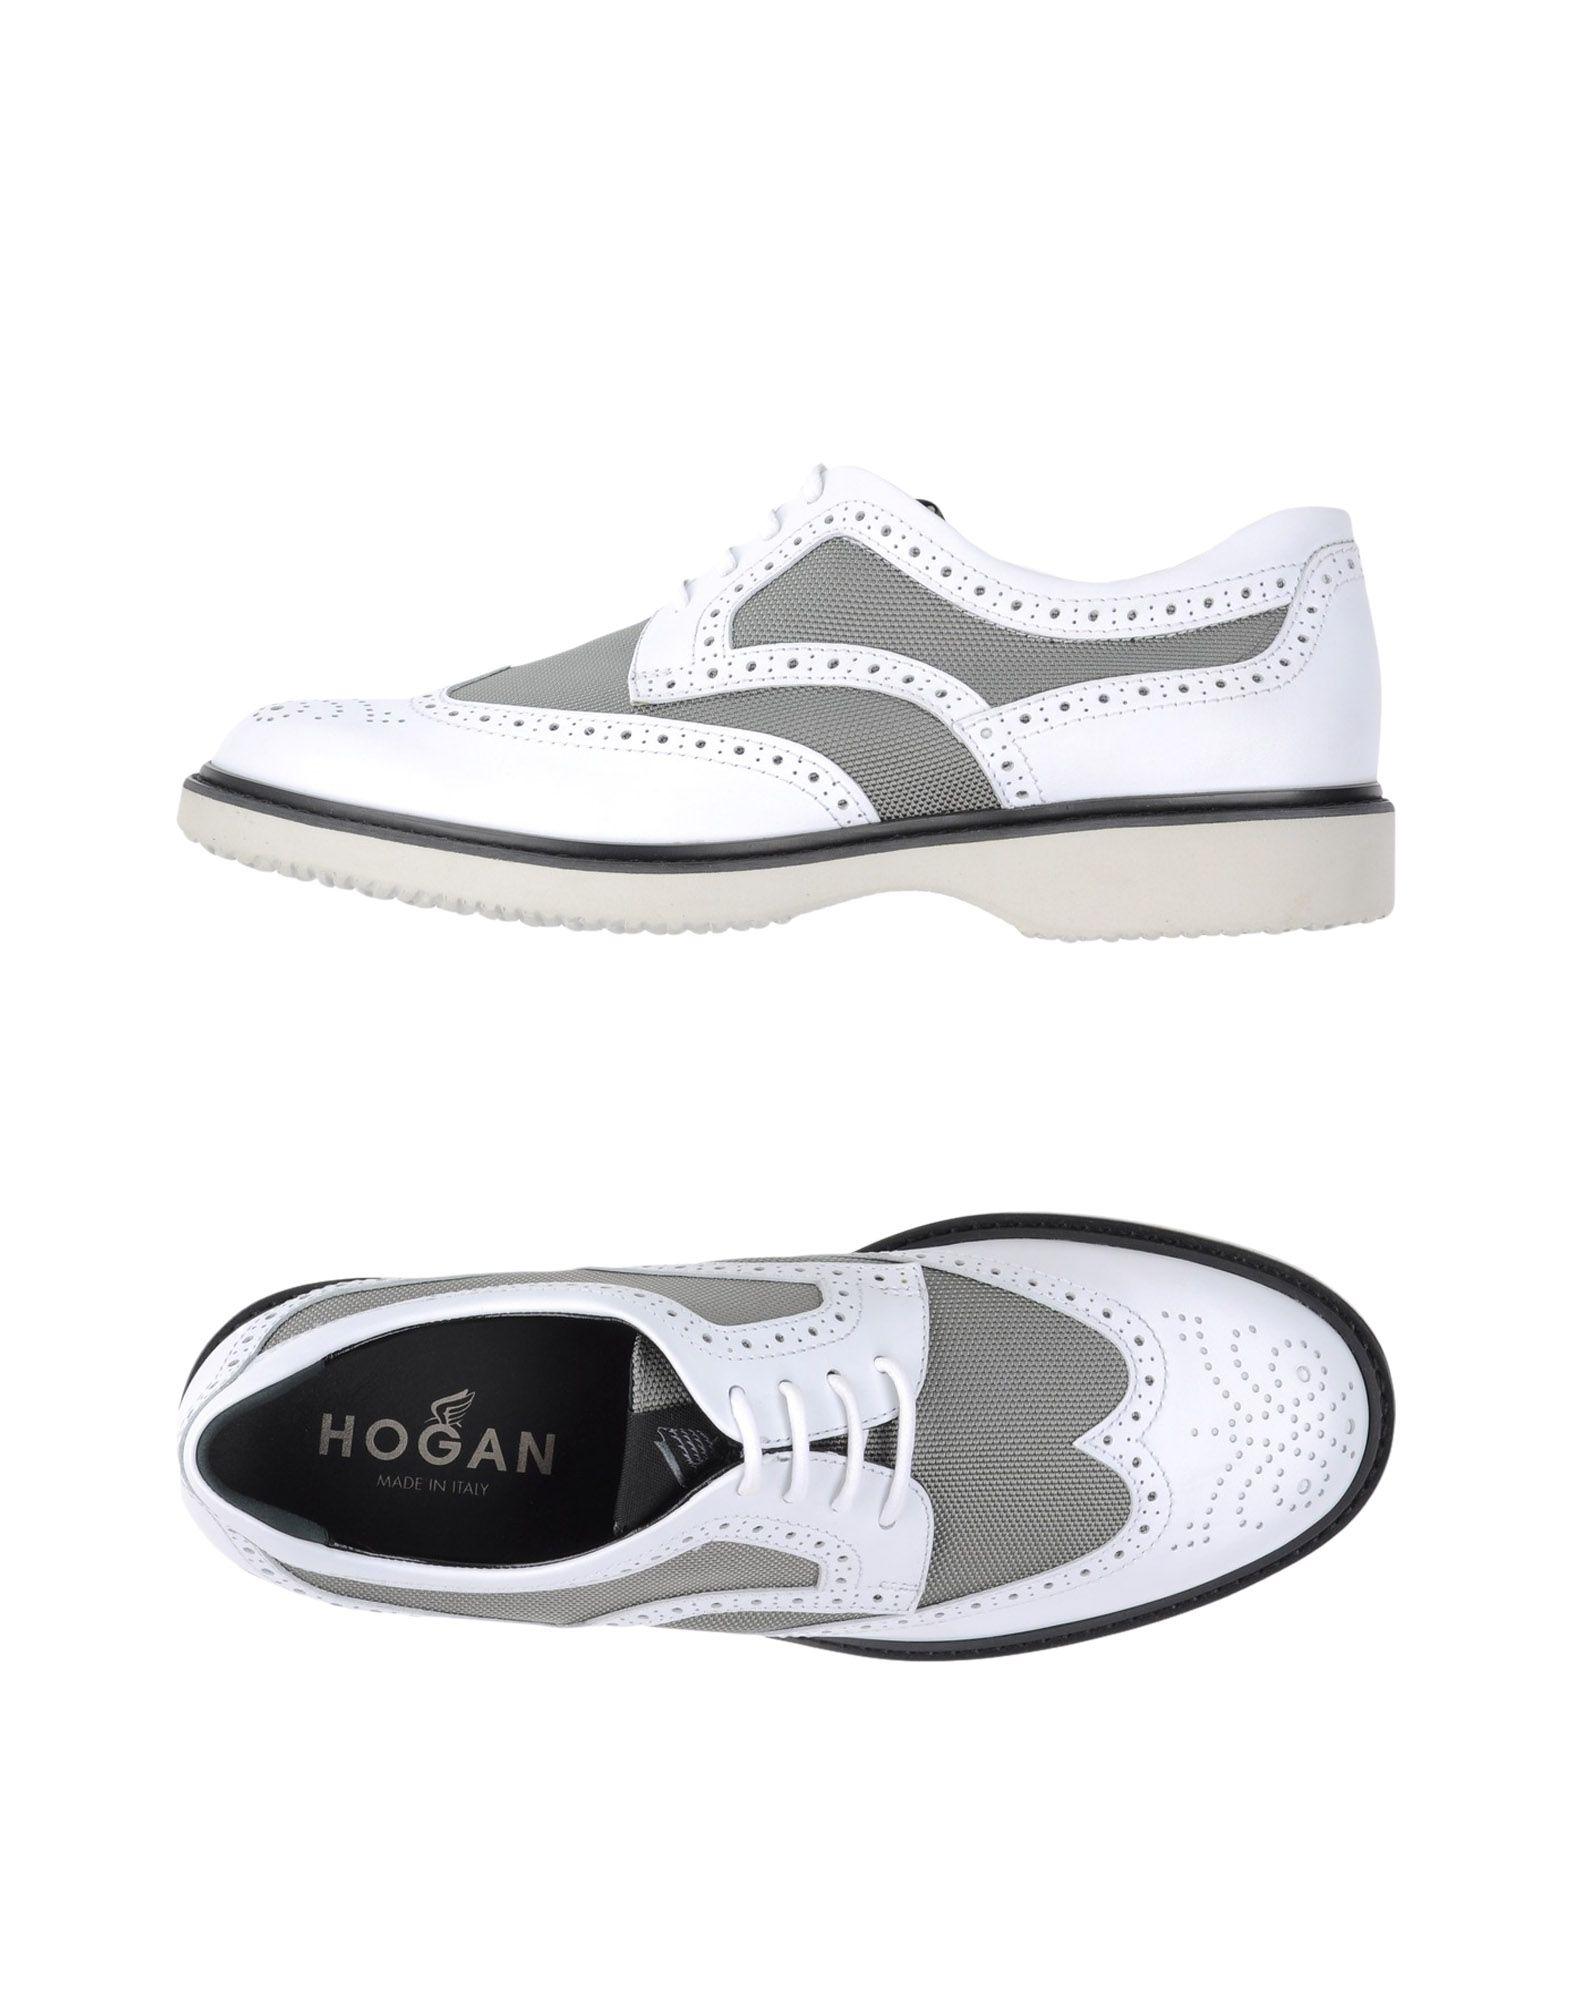 Stringate Hogan herren - 11317689MO